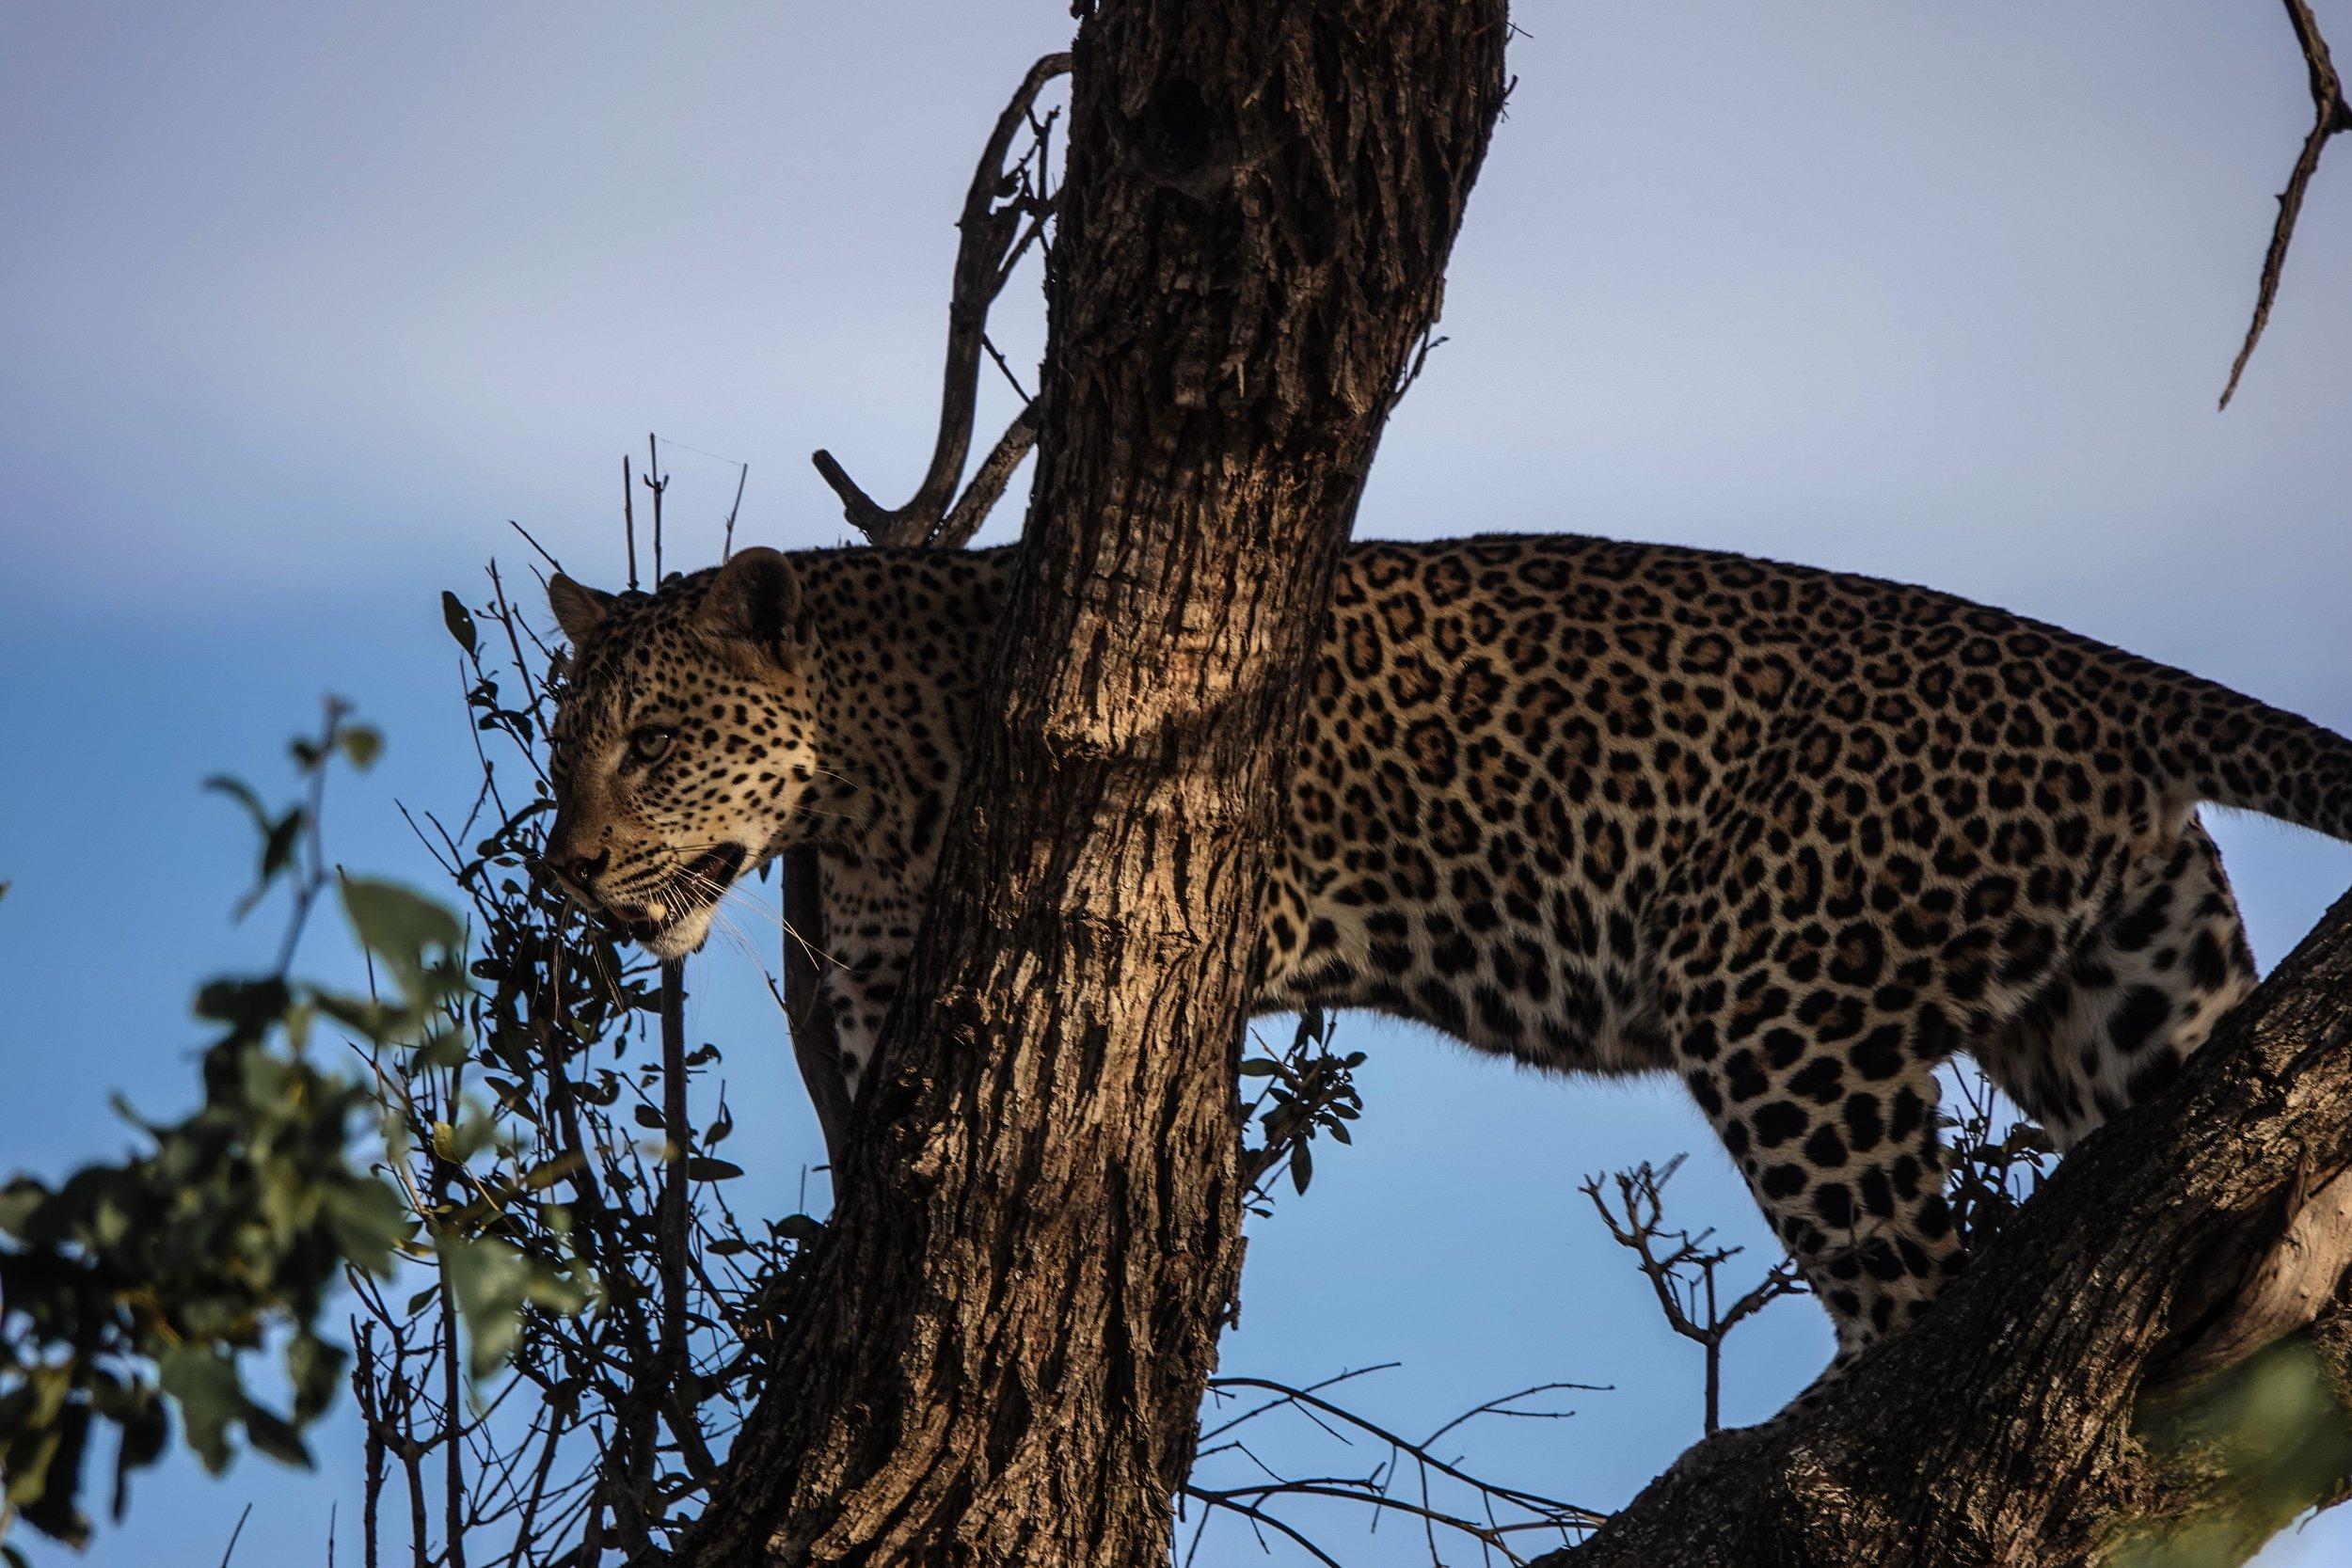 Leopard spotting on Safari in Kenya